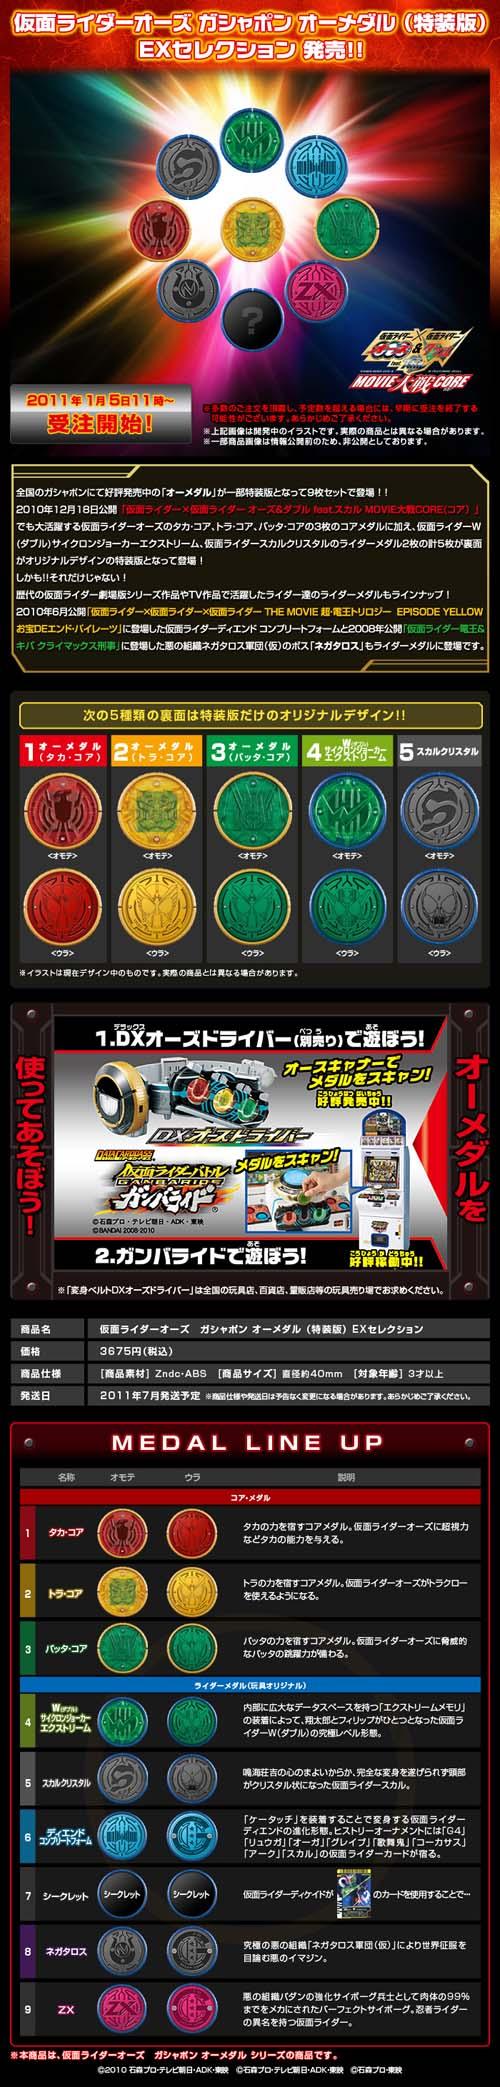 仮面ライダーオーズ ガシャポン オーメダル(特装版)EXセレクション